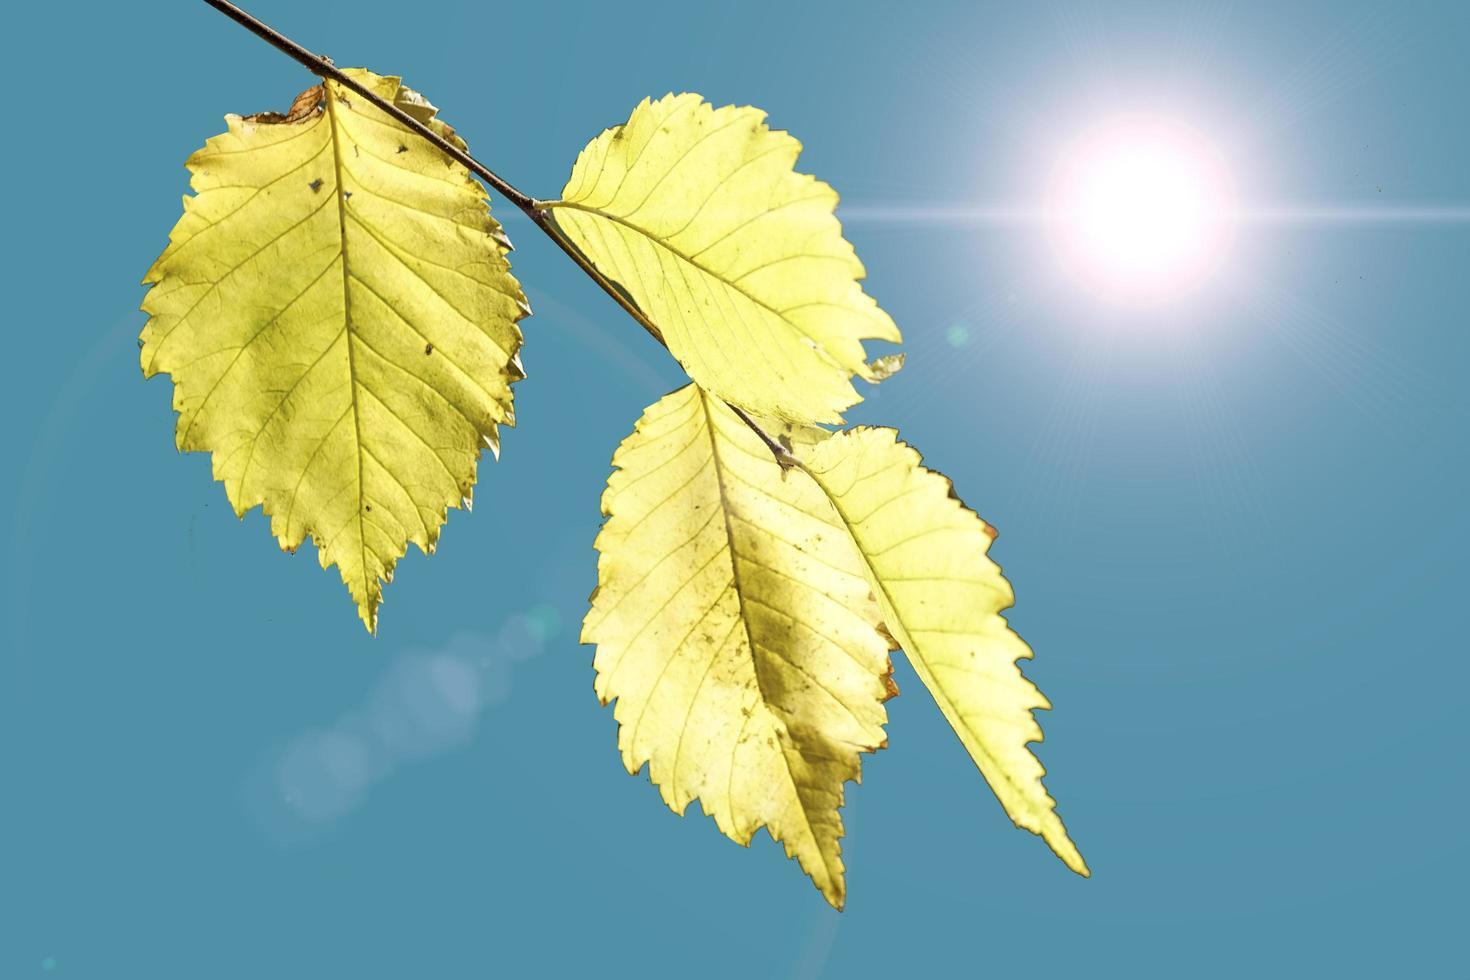 foglie gialle autunnali contro il cielo e il sole splendente foto